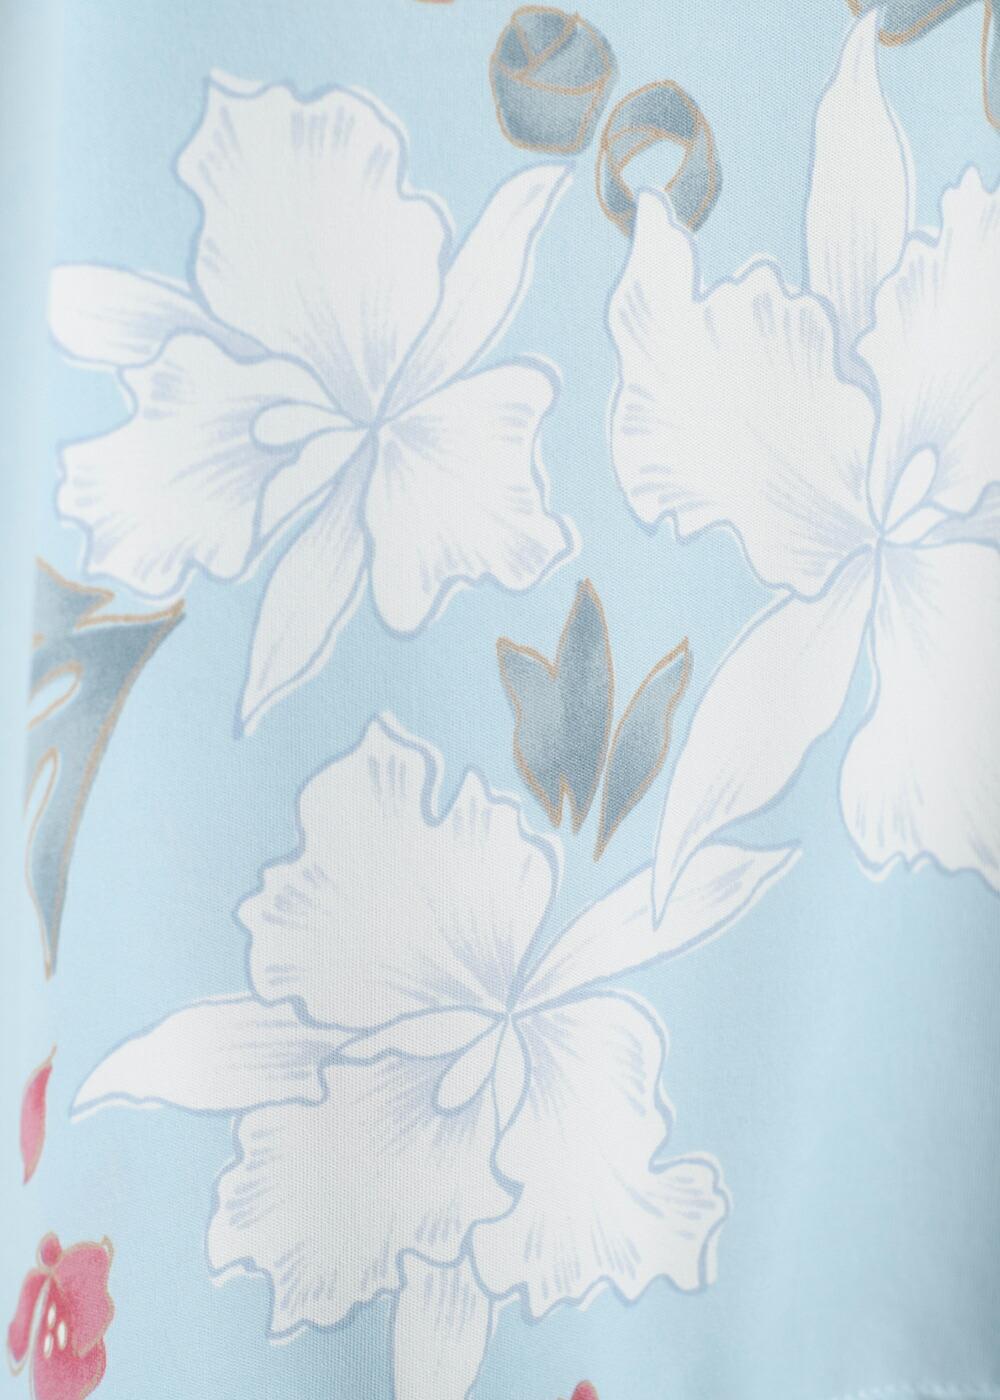 かりゆしウェア アロハシャツ かりゆし 結婚式 MAJUN マジュン ブーゲンセレブレイト